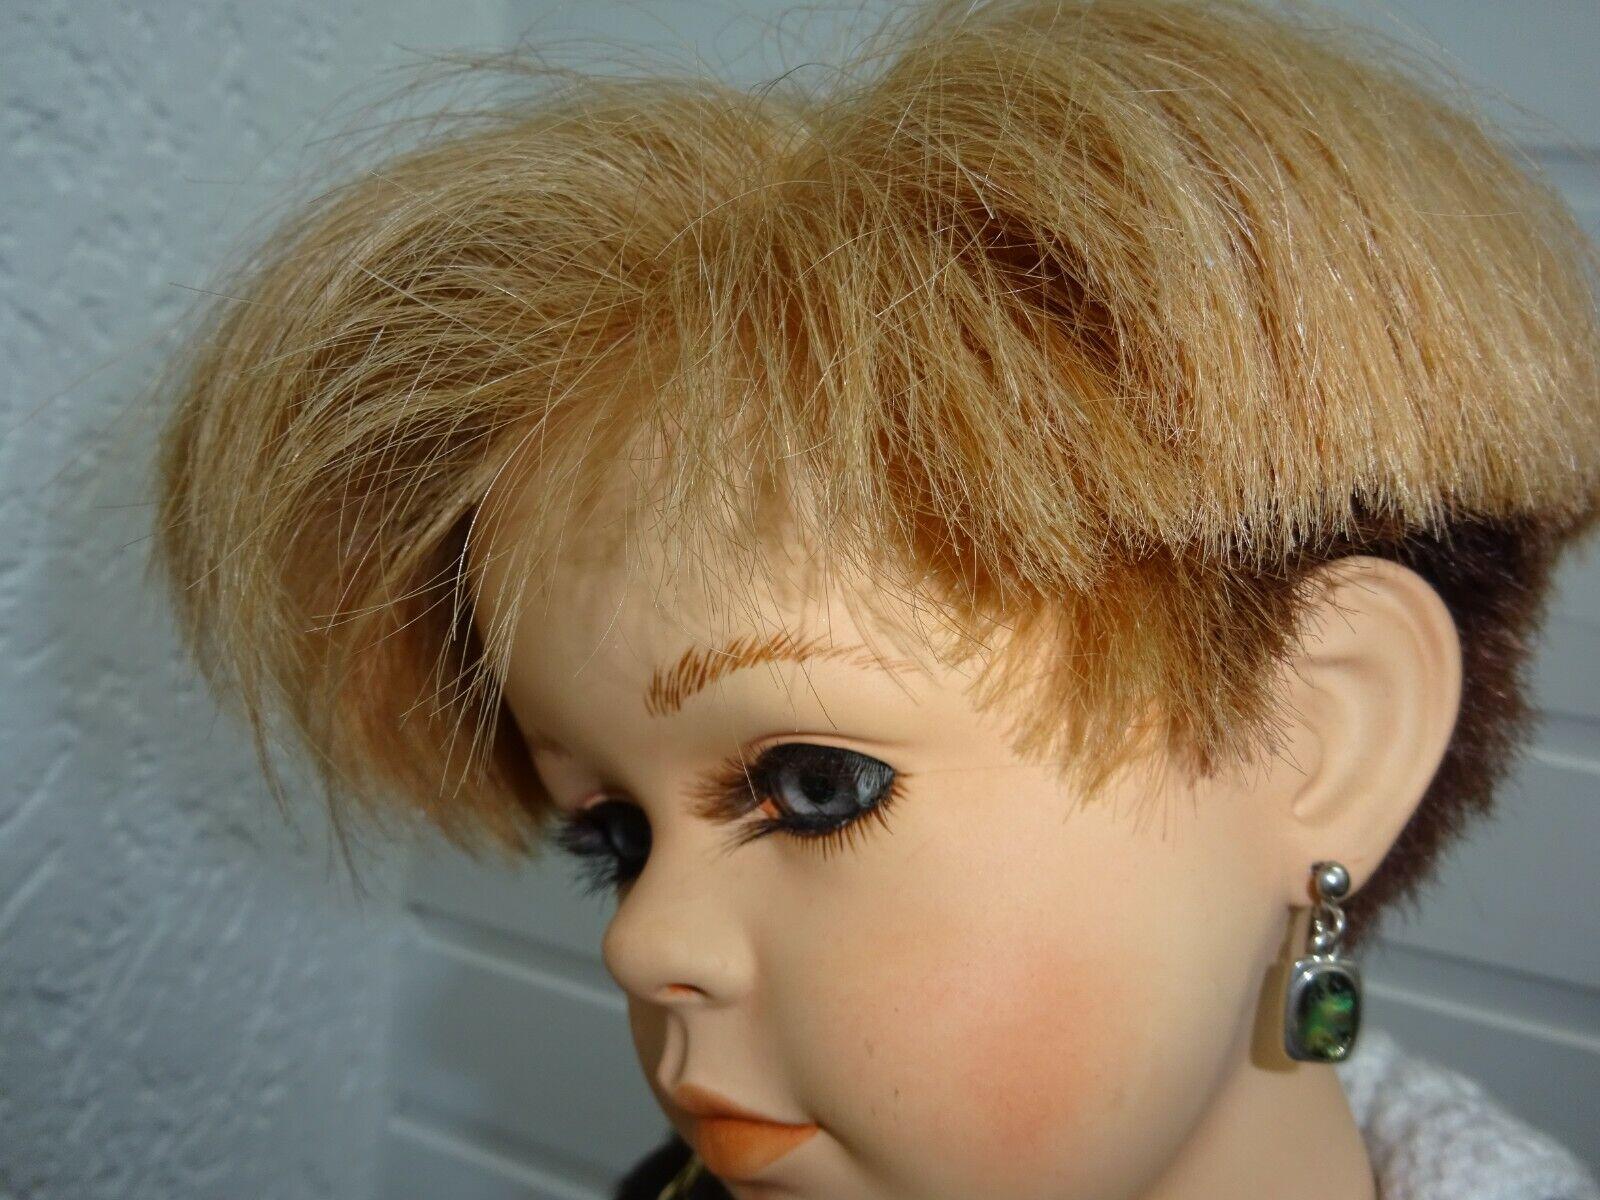 Puppenperücke hochwertiges Echthaar Kopfumfang 28- cm Künstlerpuppe rotbl. rotbl. rotbl. a7c4a6